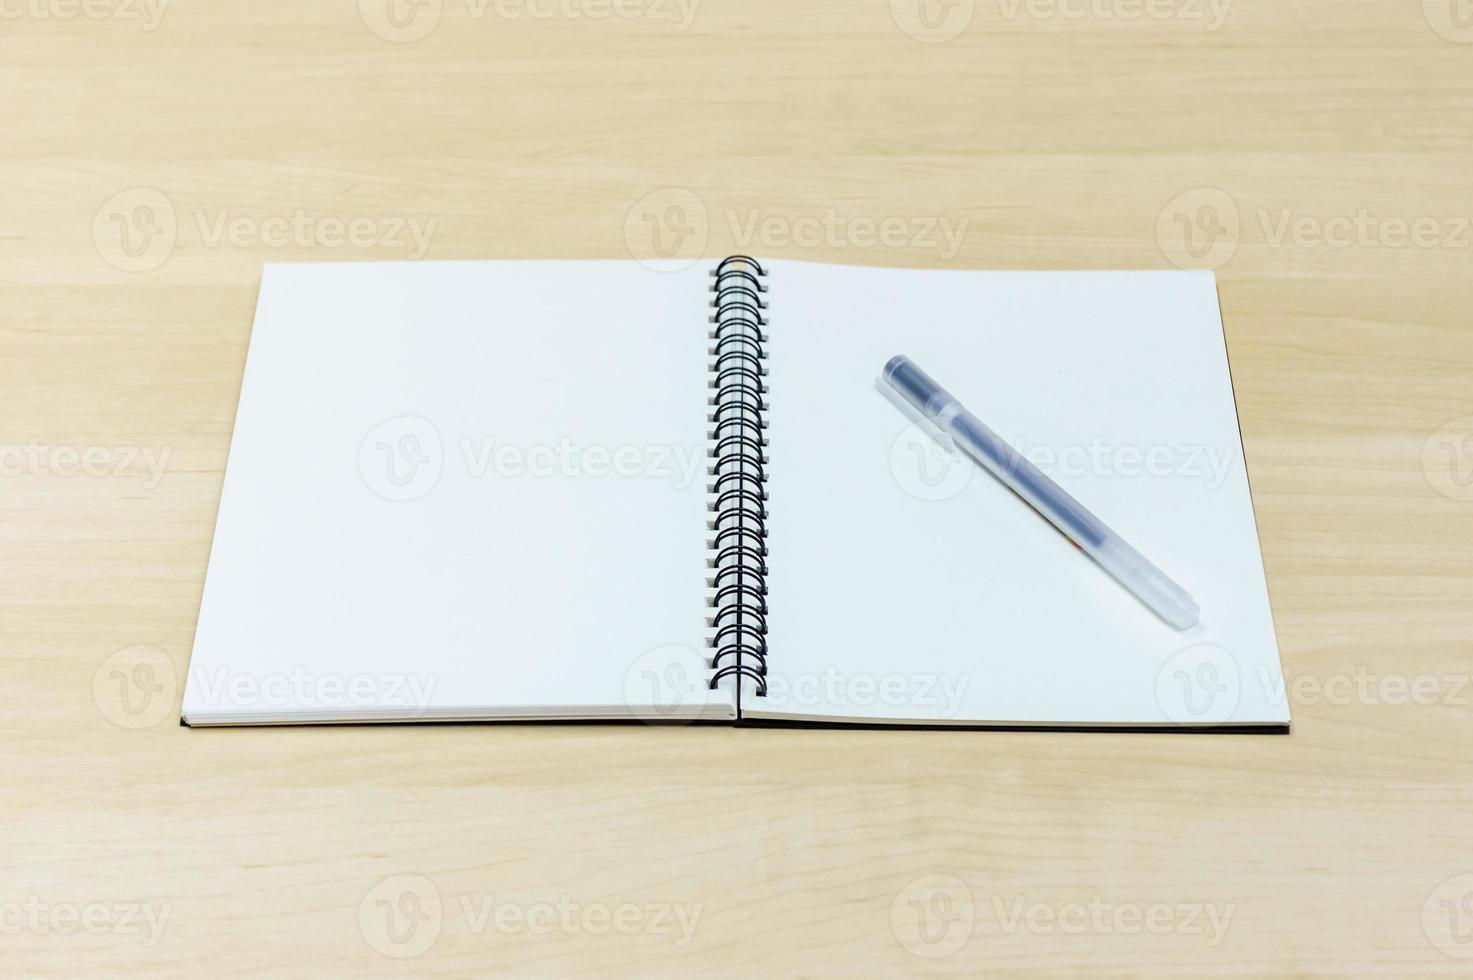 penna och anteckningsbok på trä skrivbord foto